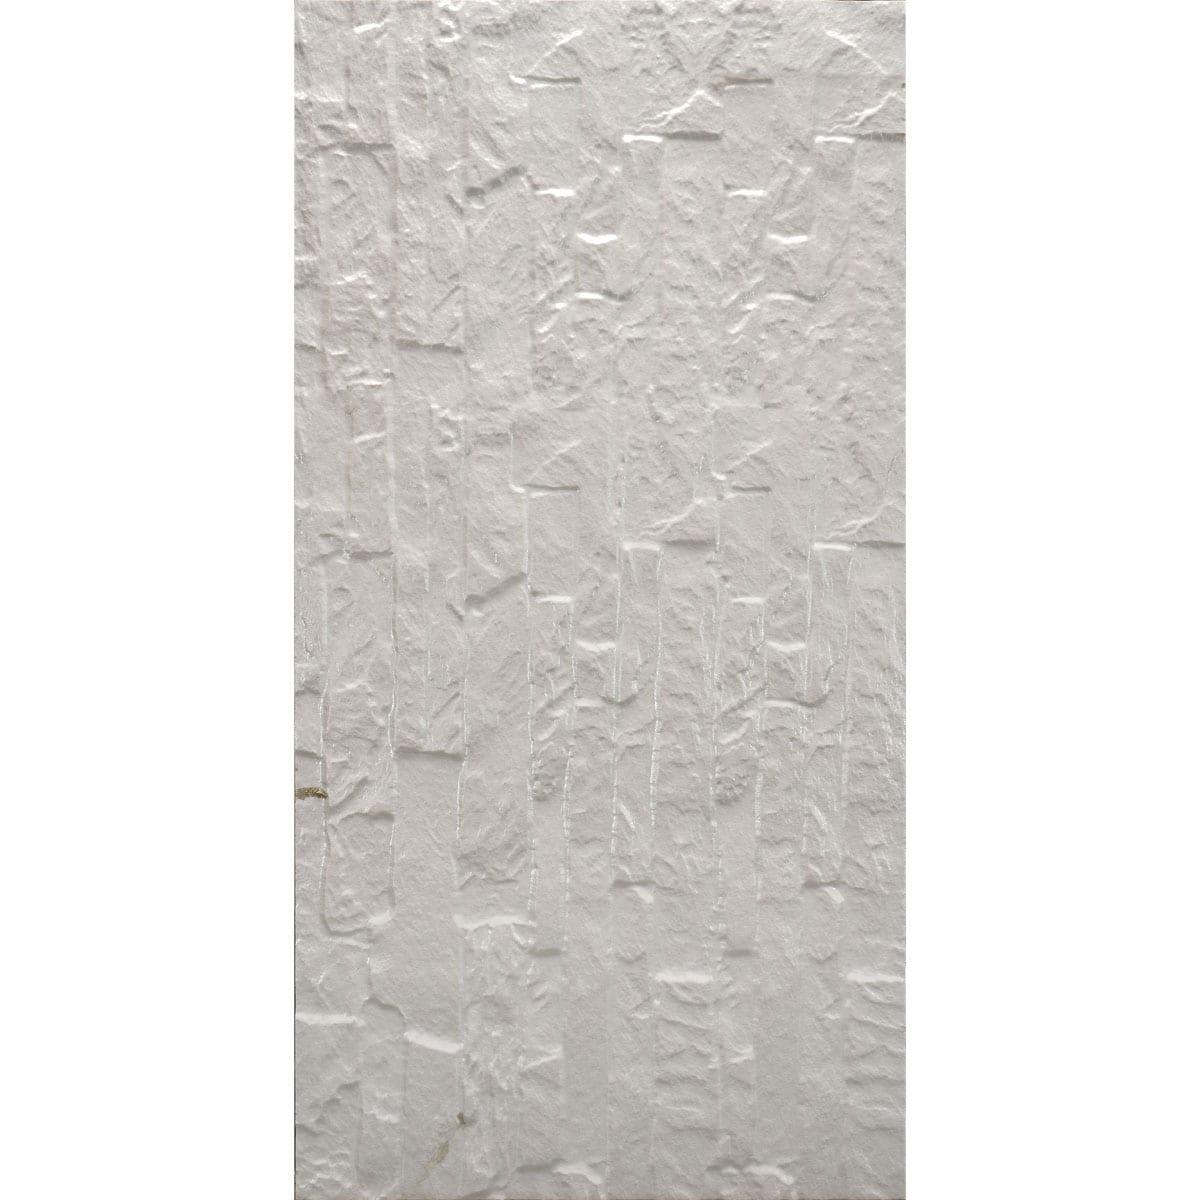 D00046 BRACKLEY 12X24 WHITE STONE